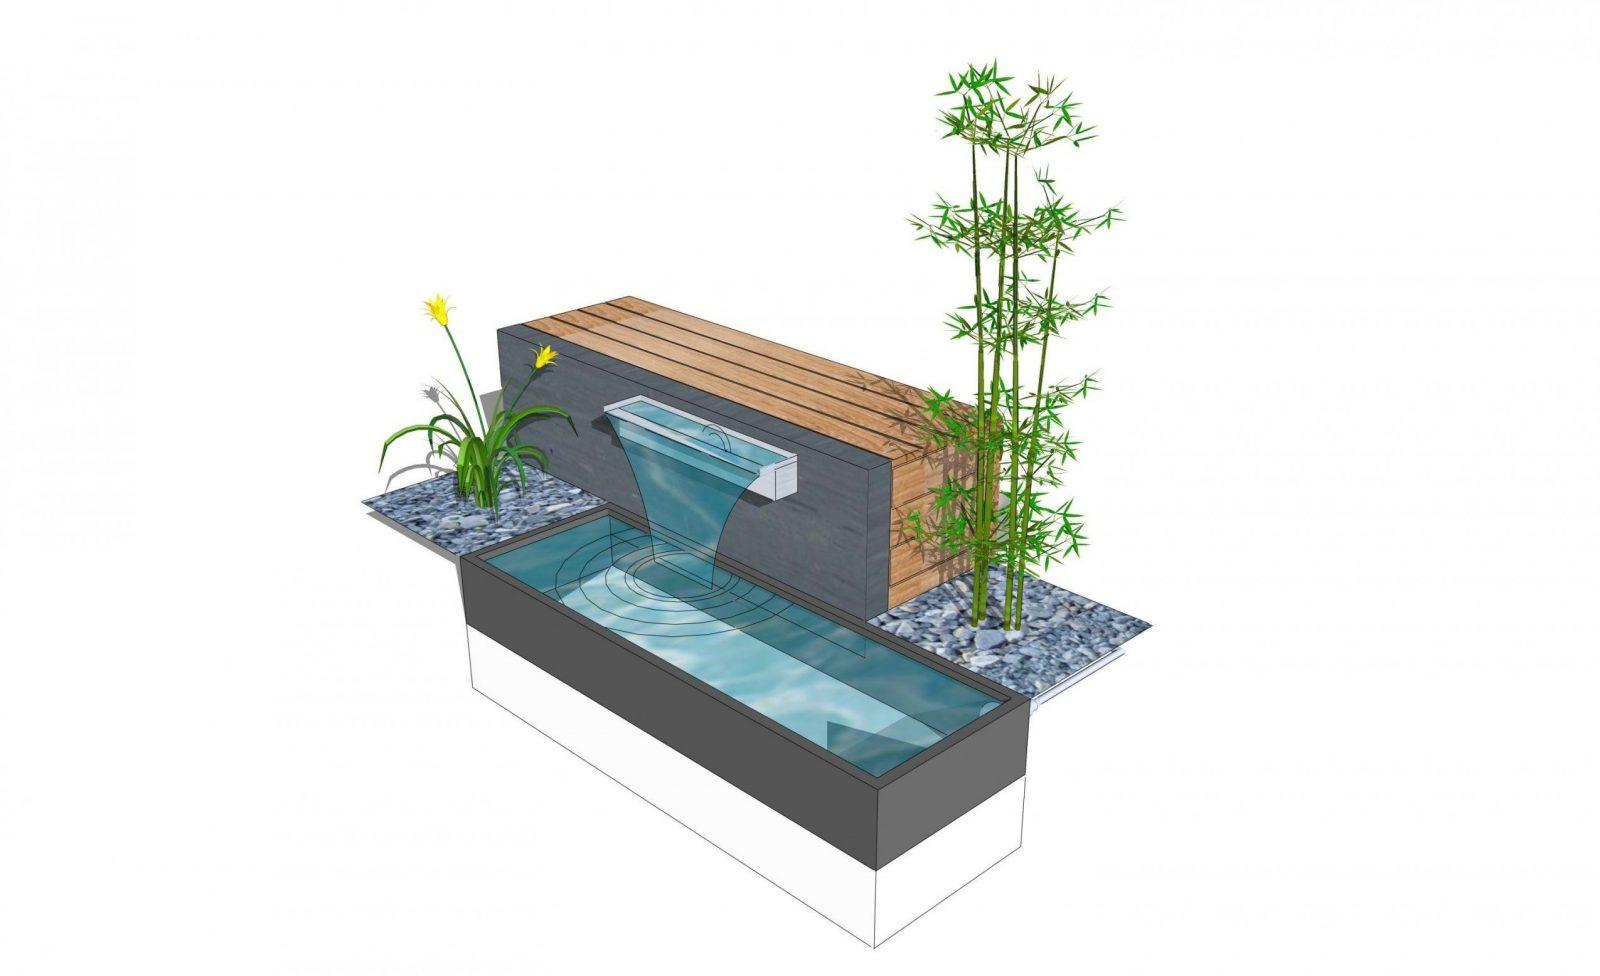 Fein Wasserfall Selber Bauen Anleitung Galerie  Hauptinnenideen von Zimmer Wasserfall Selber Bauen Bild